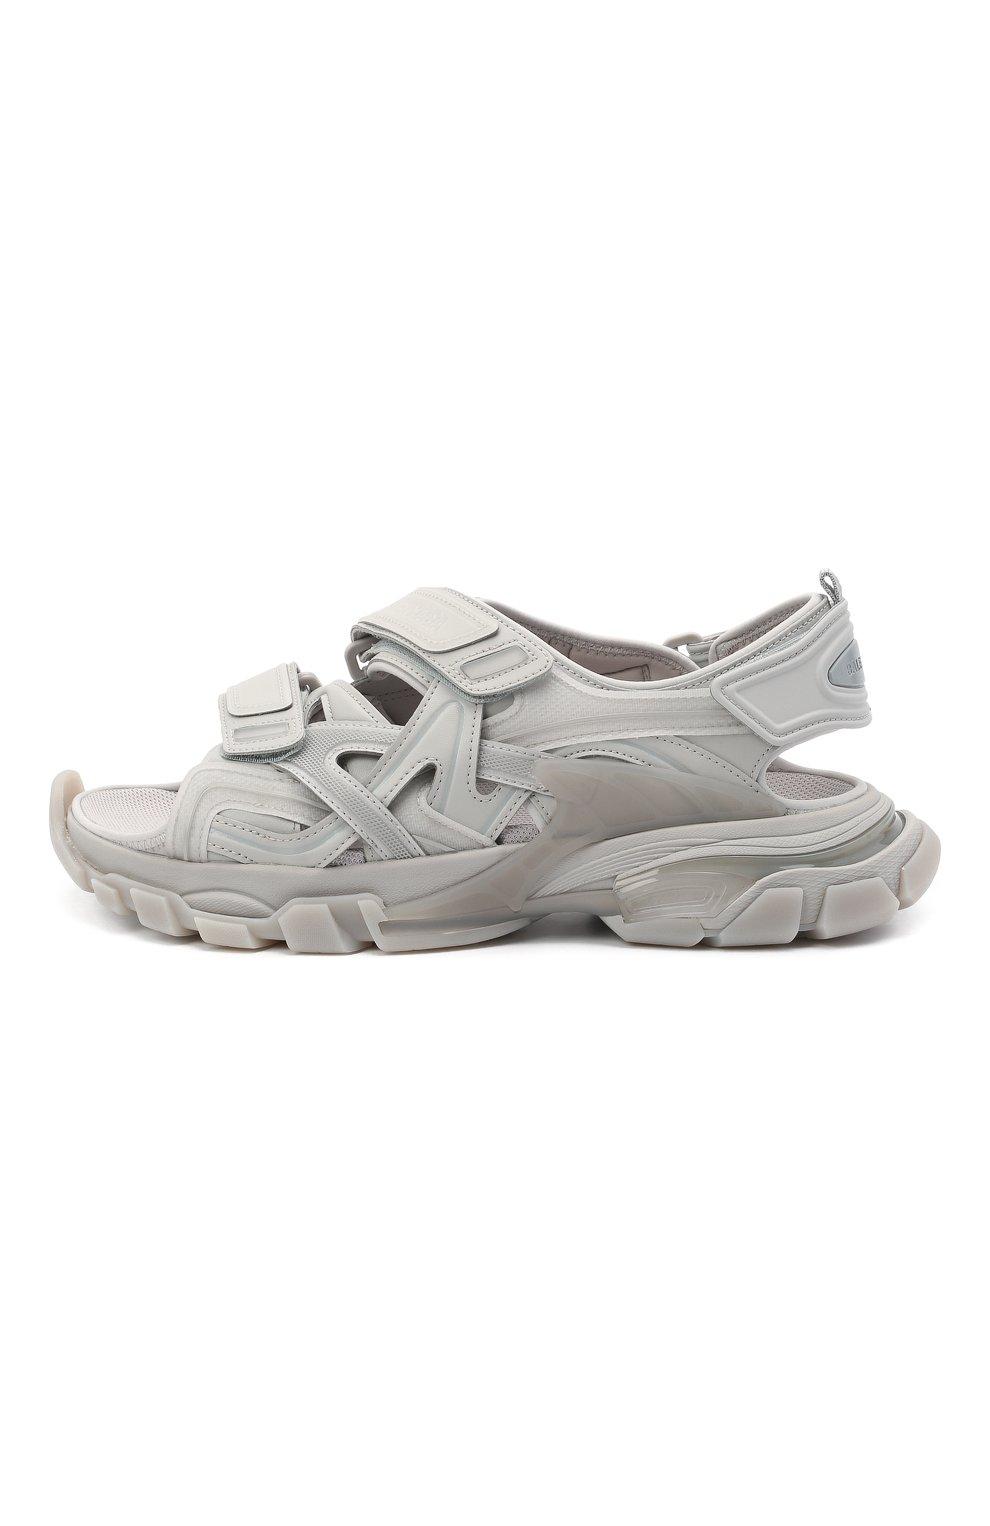 Мужские комбинированные сандалии track BALENCIAGA серого цвета, арт. 655954/W2CC2 | Фото 3 (Материал внешний: Текстиль; Материал внутренний: Текстиль)